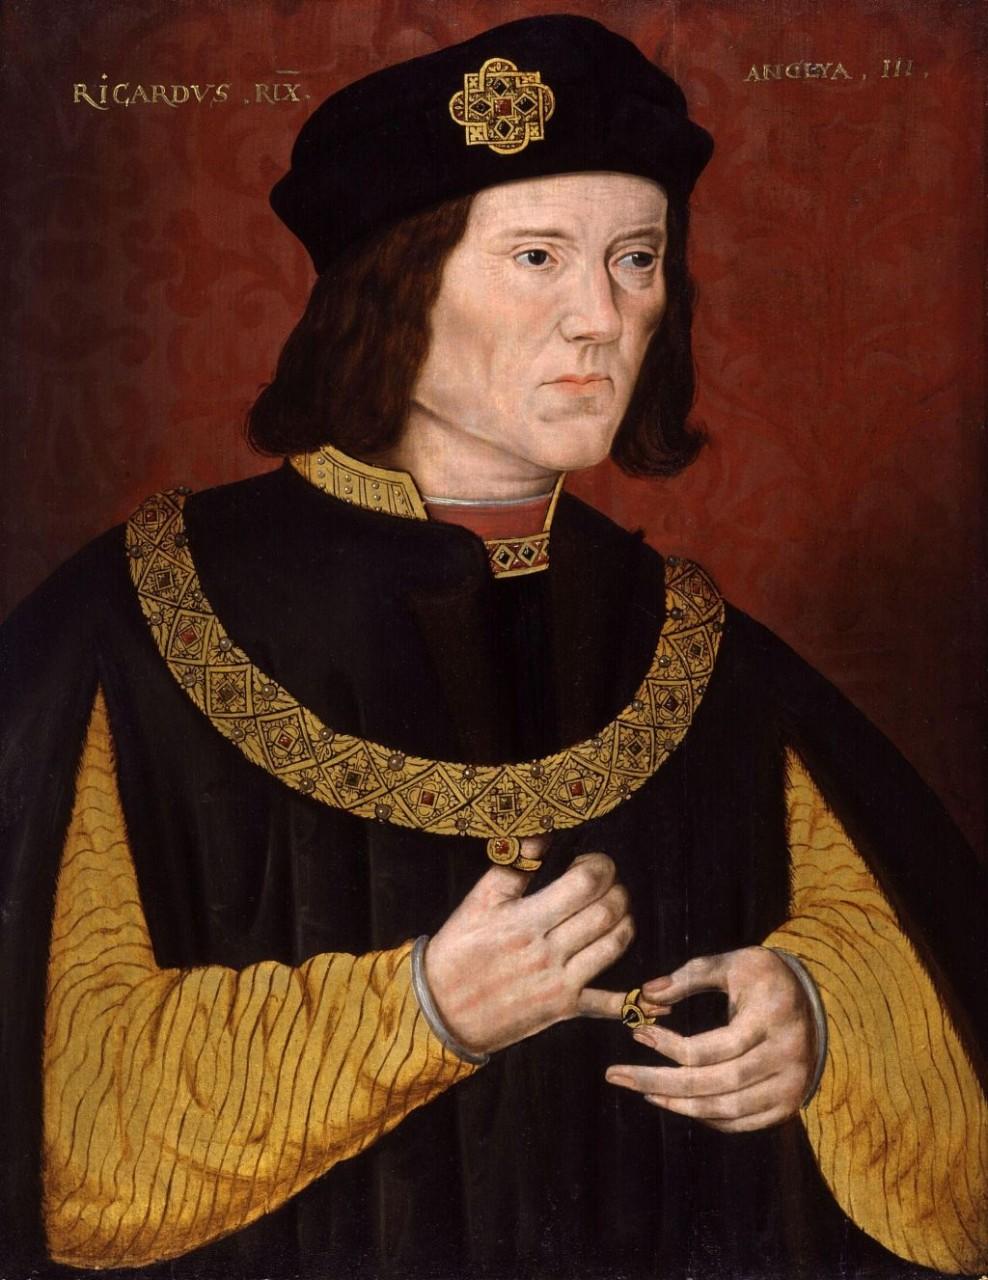 Биография короля Англии Ричарда III. Генрих VI: Трижды коронованный и безумный (2 статьи)